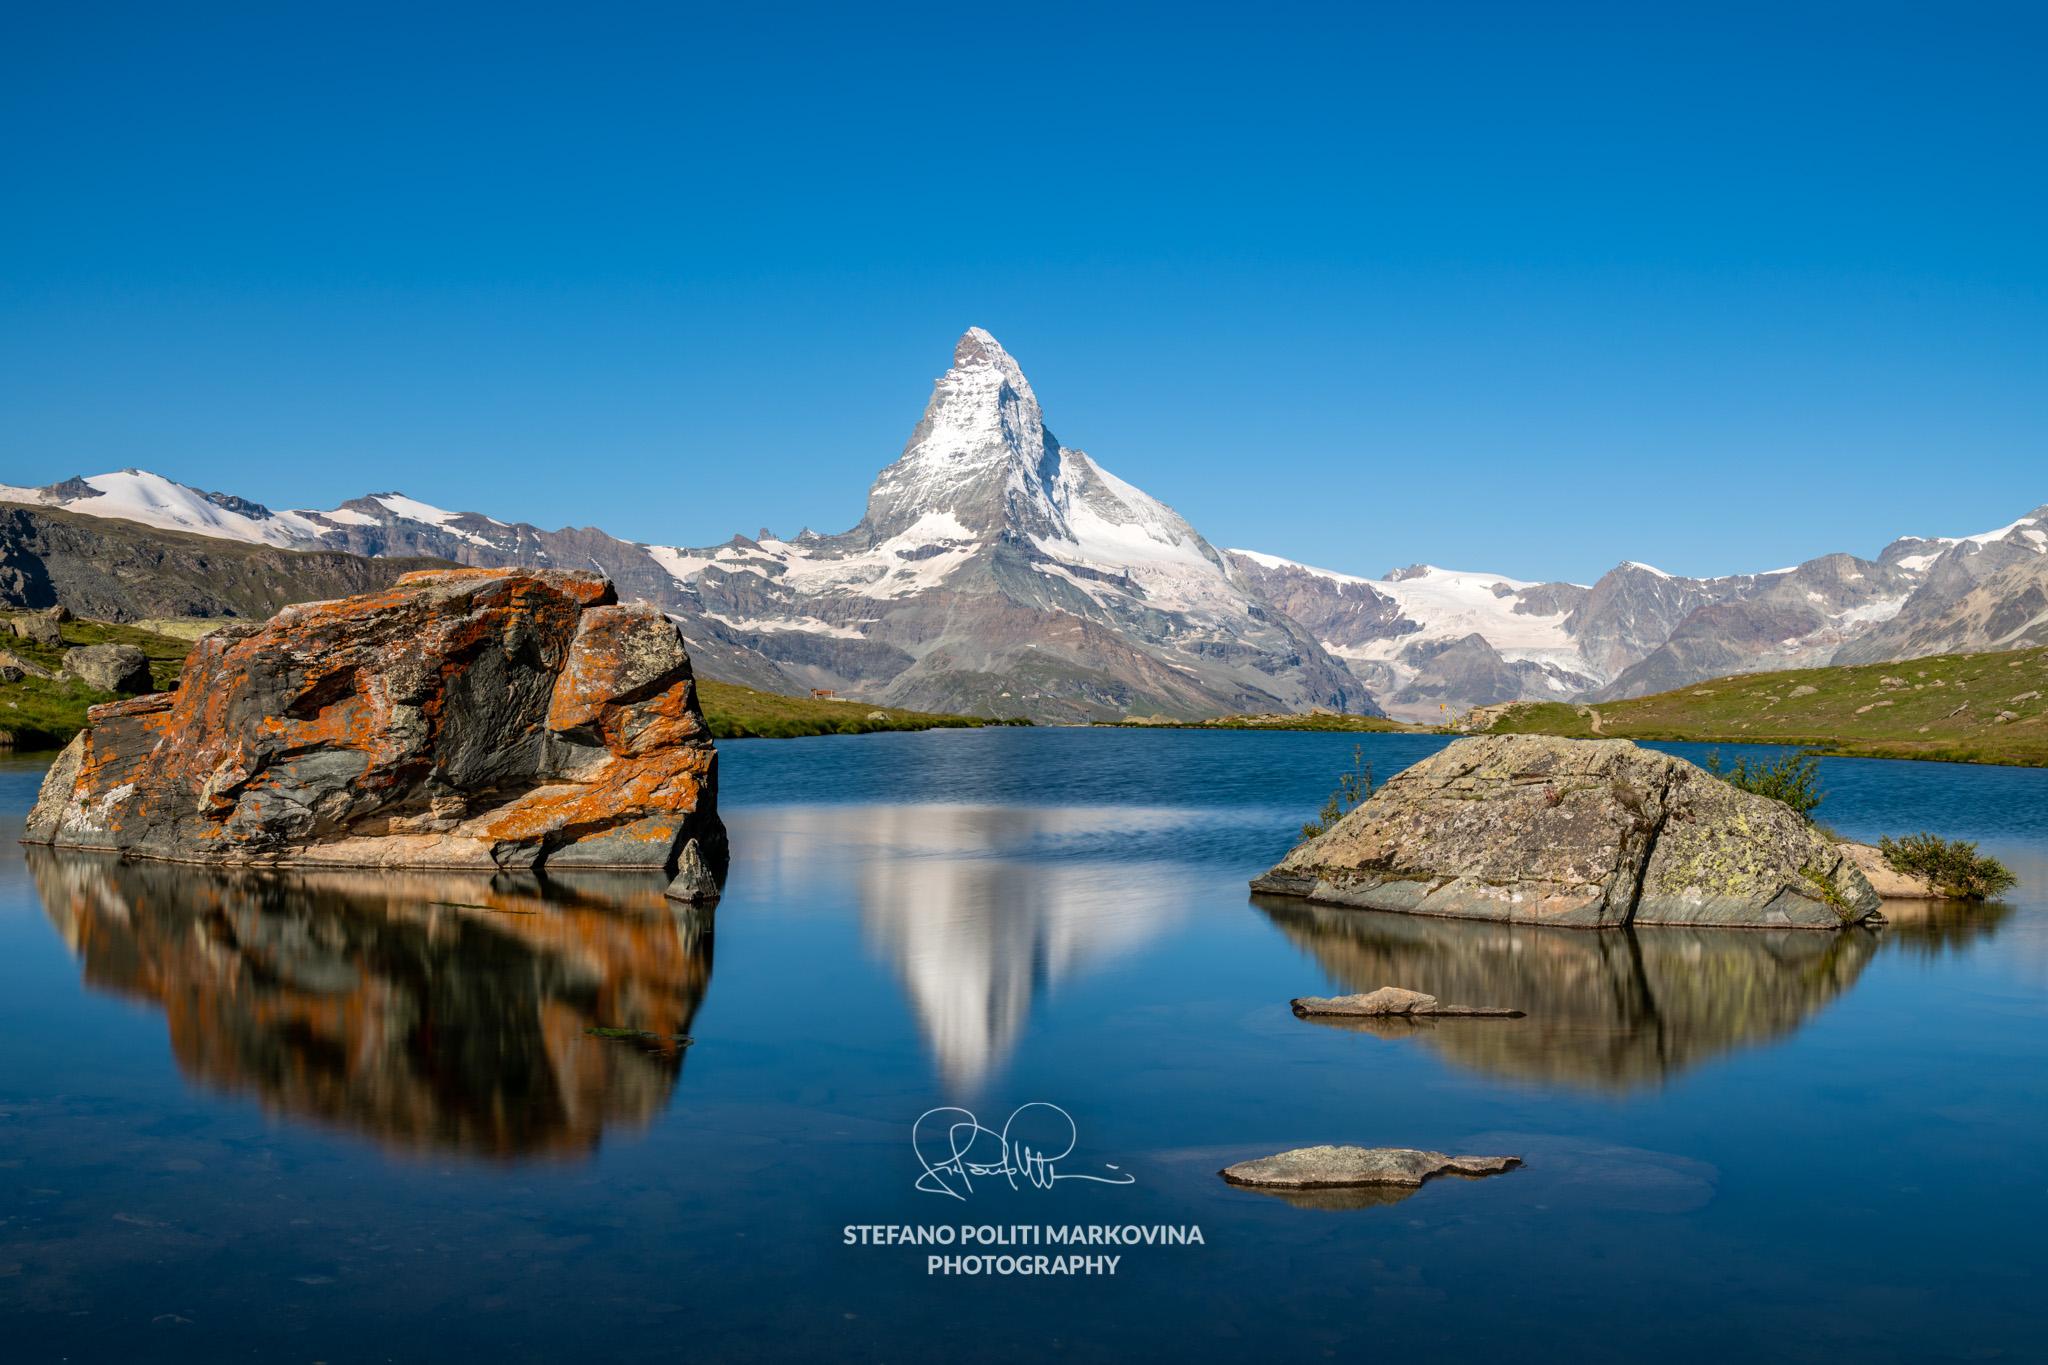 Best Matterhorn views for shooting photos